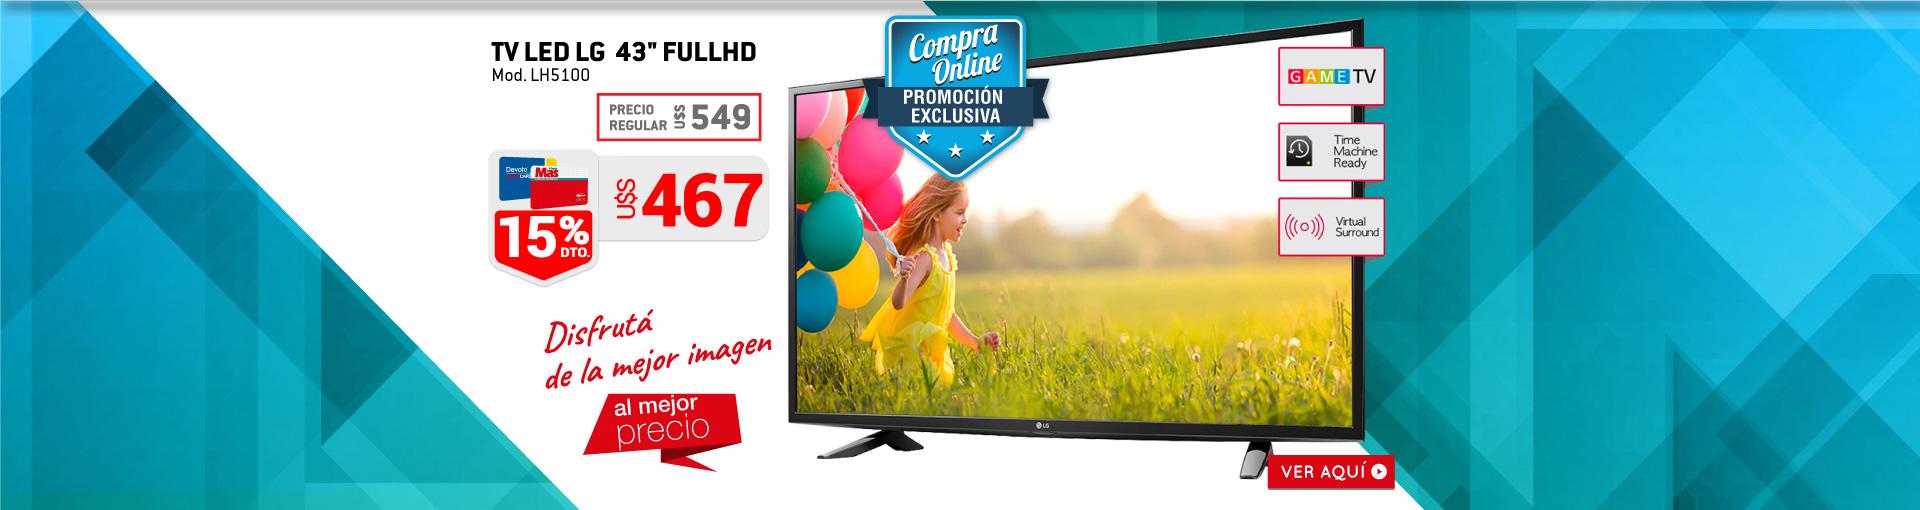 h-05-375925-tv-led-lg